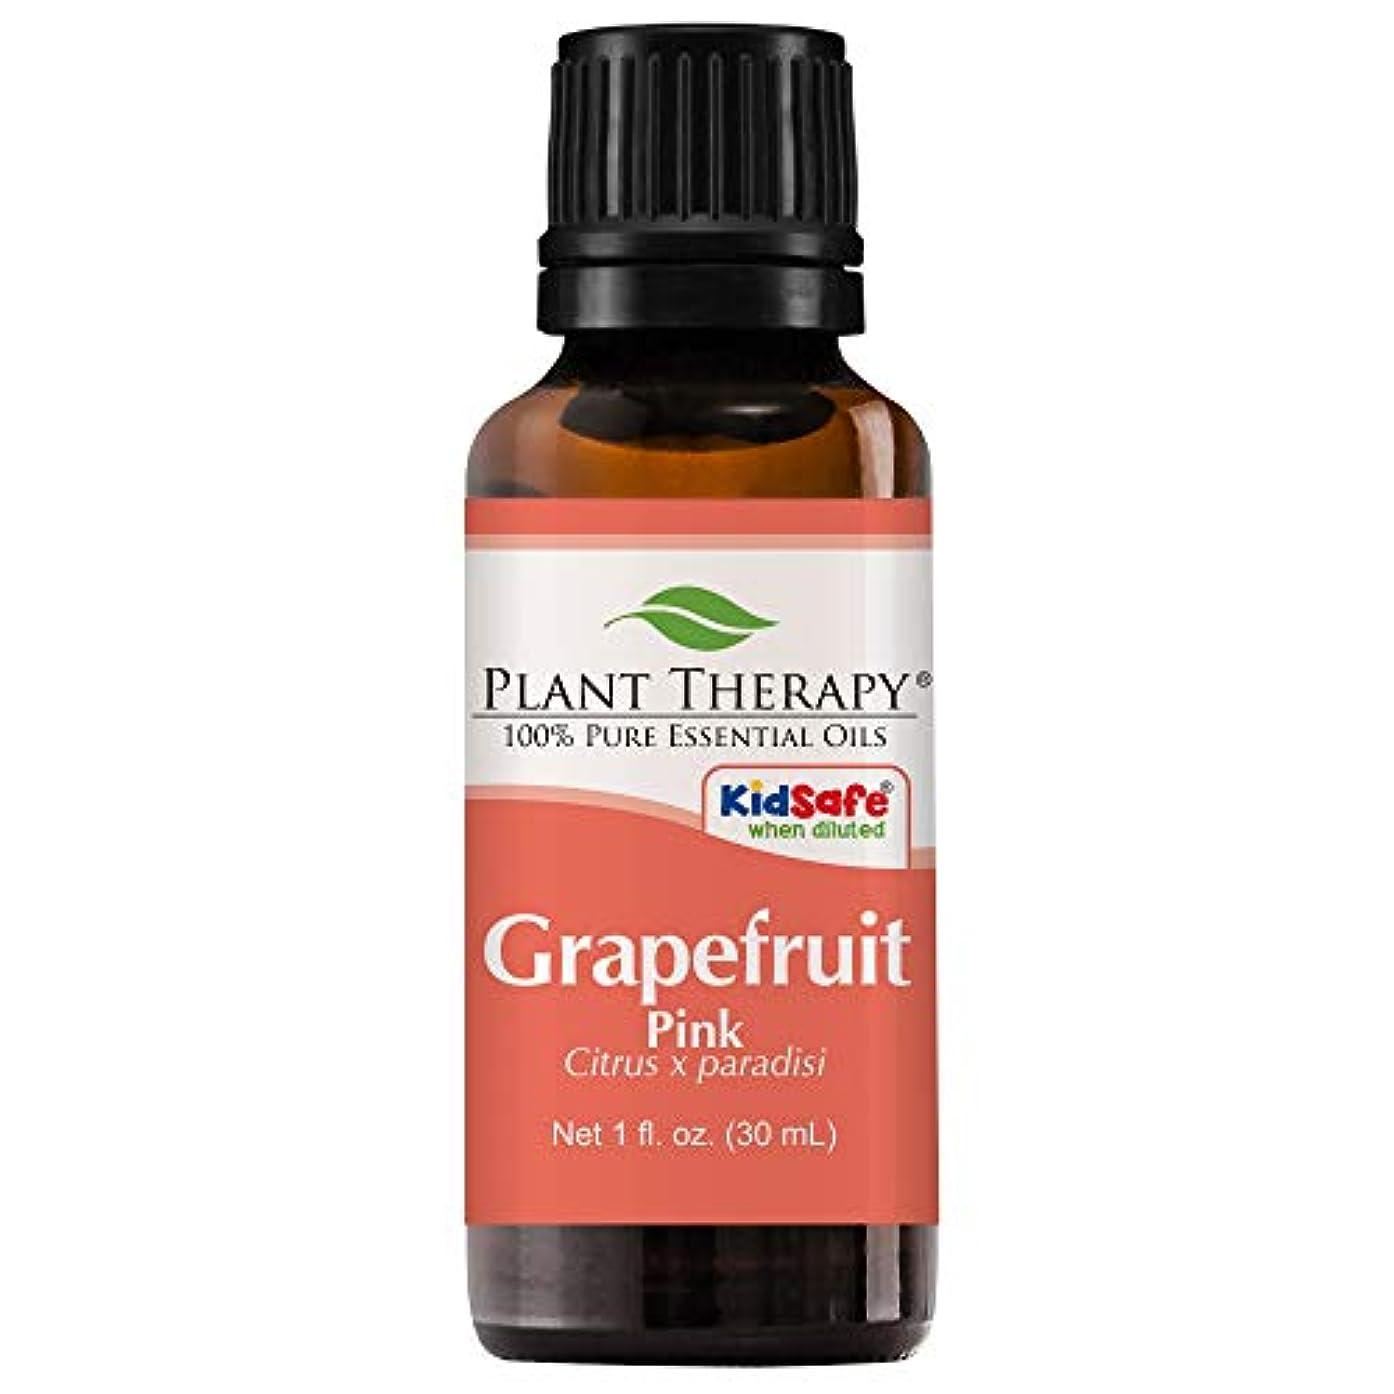 実験的好奇心結果植物セラピーグレープフルーツ(ピンク)エッセンシャルオイル。 100%ピュア、希釈していない、治療グレード。 30ミリリットル(1オンス)